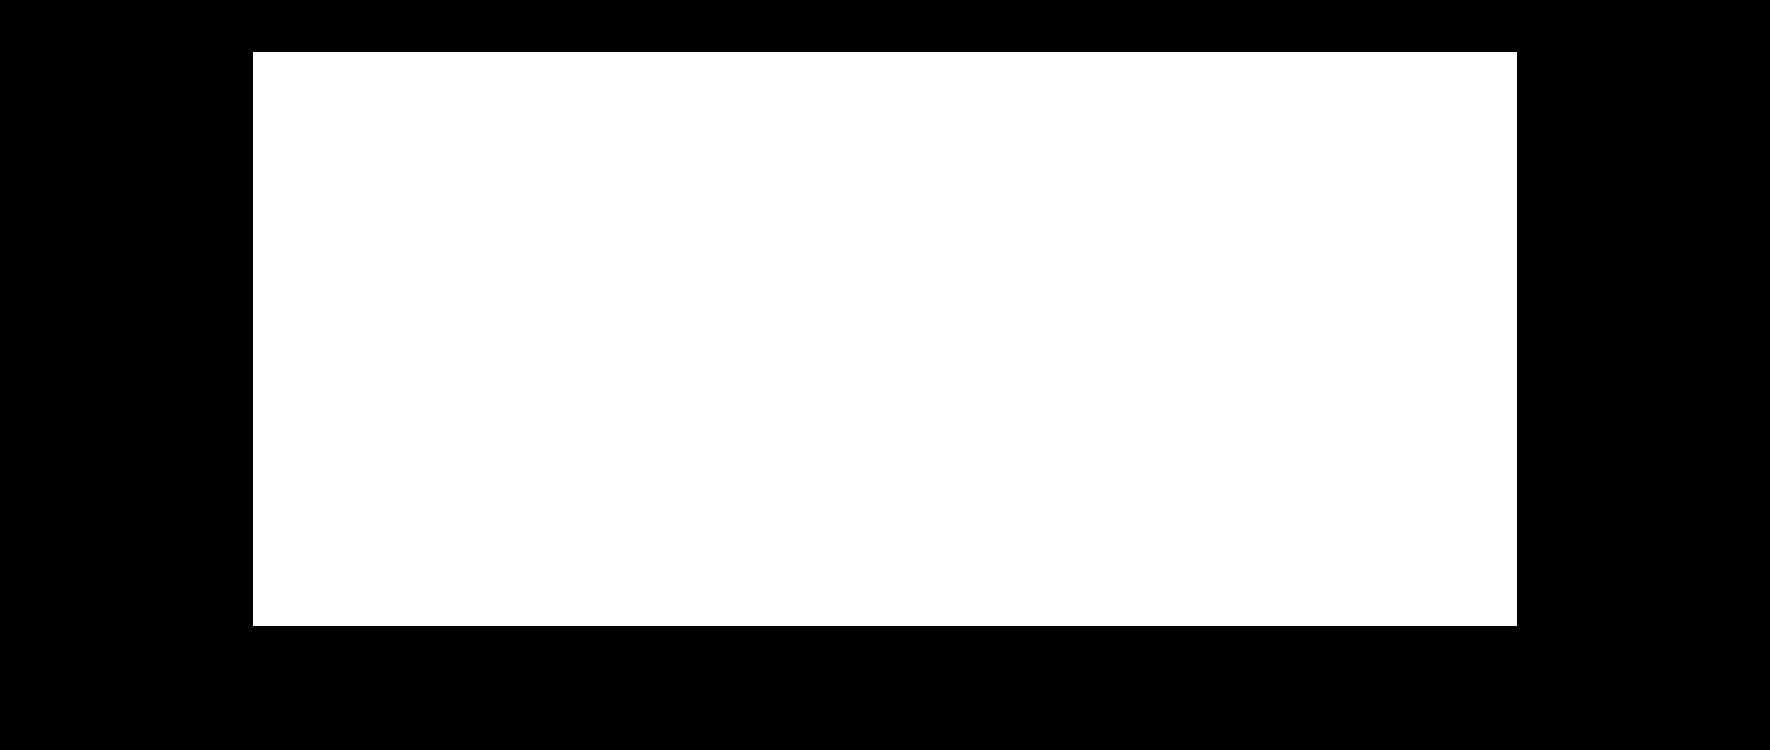 Trust_handshake-5